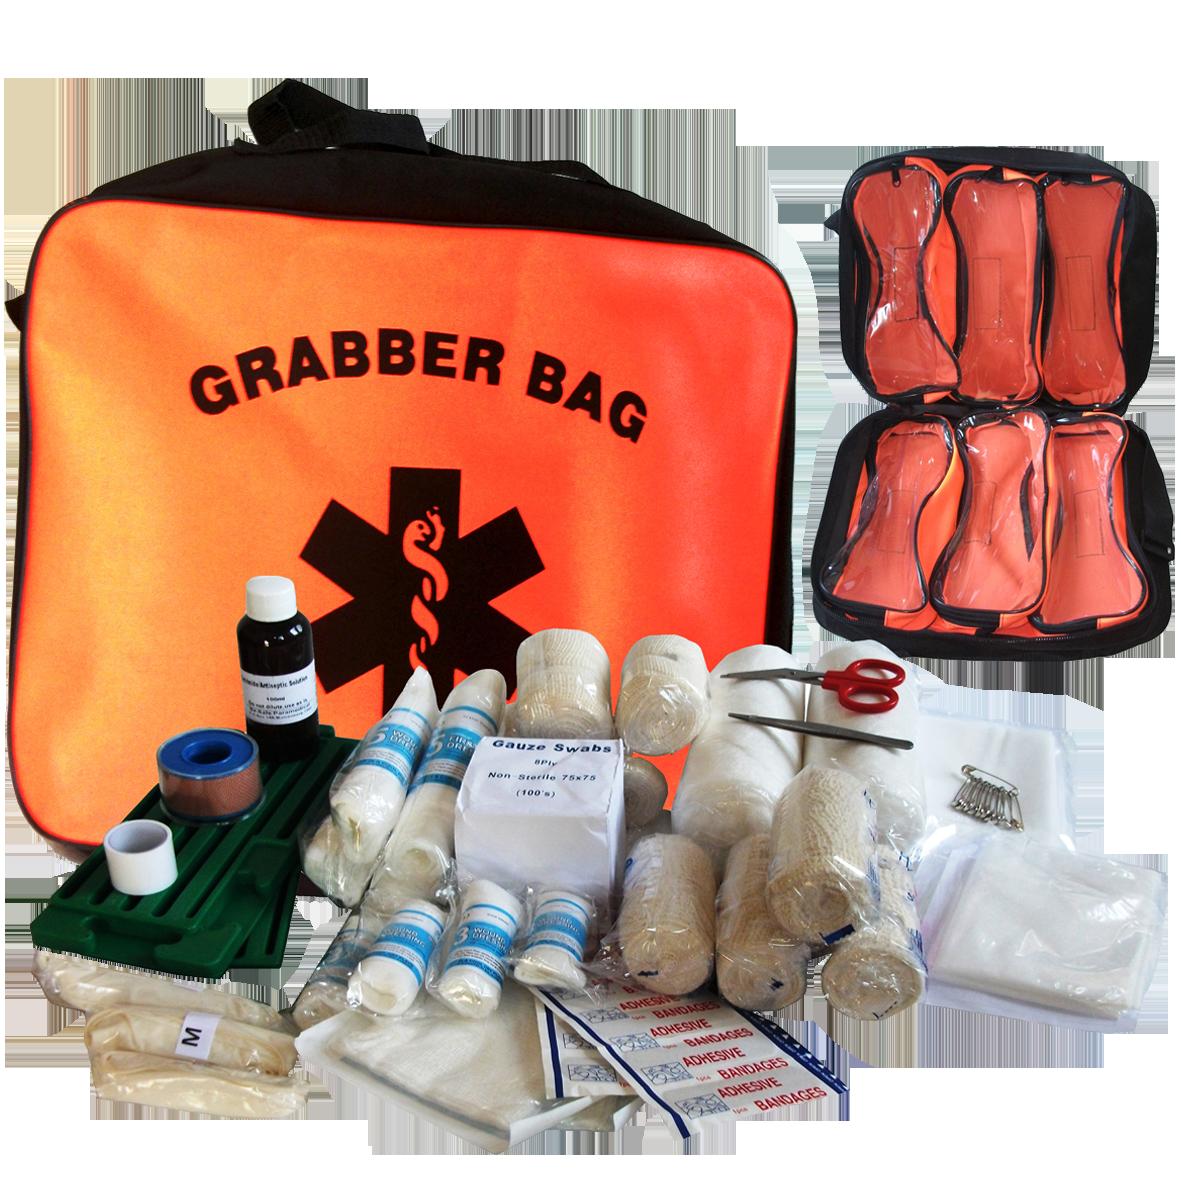 Regulation 3 in a Grab Bag